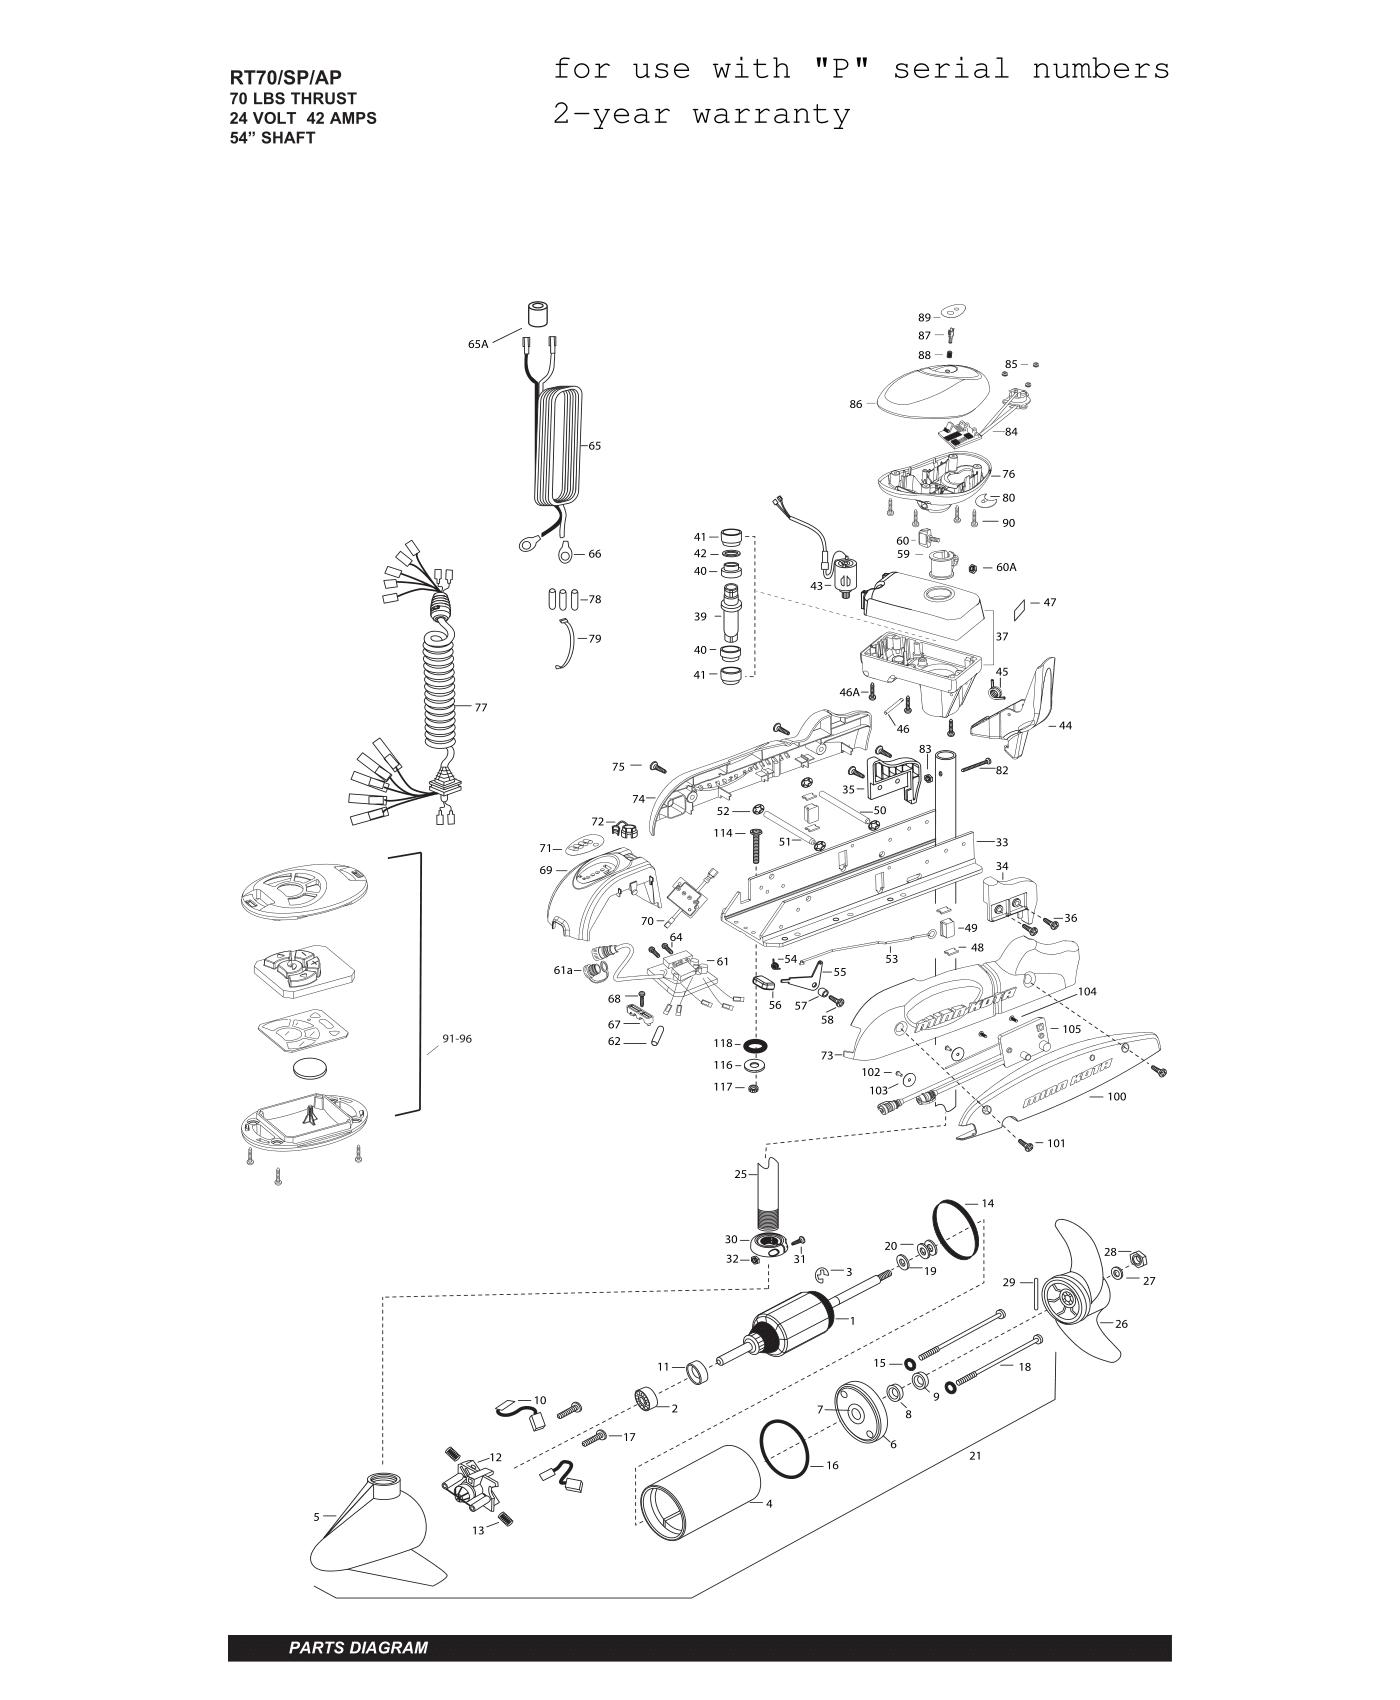 2015-mk-riptide70spautopilot-1.png